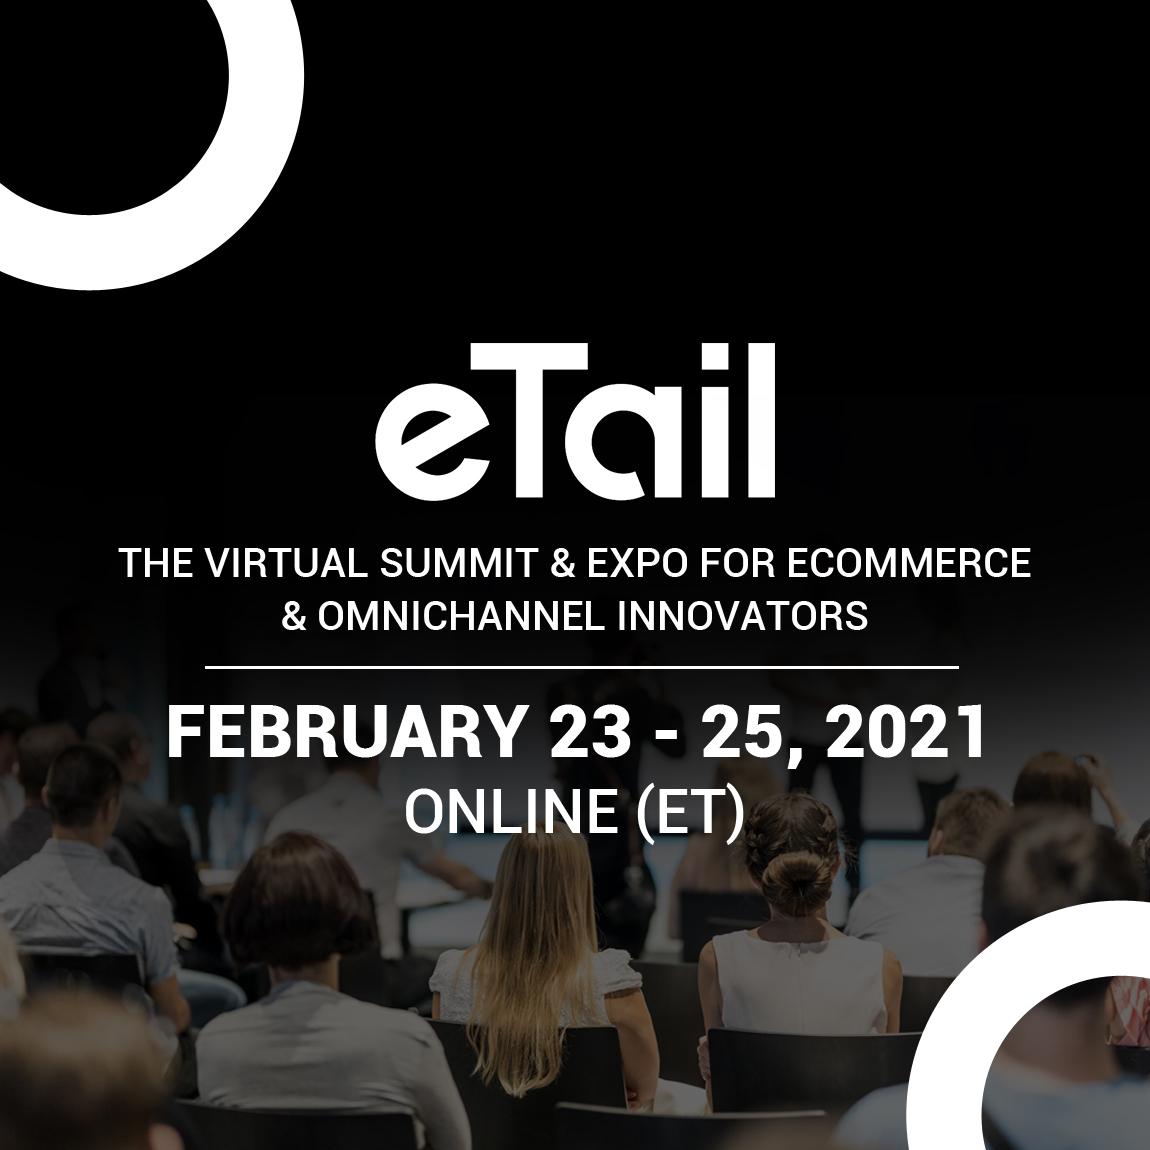 eTail Virtual Summit & Expo